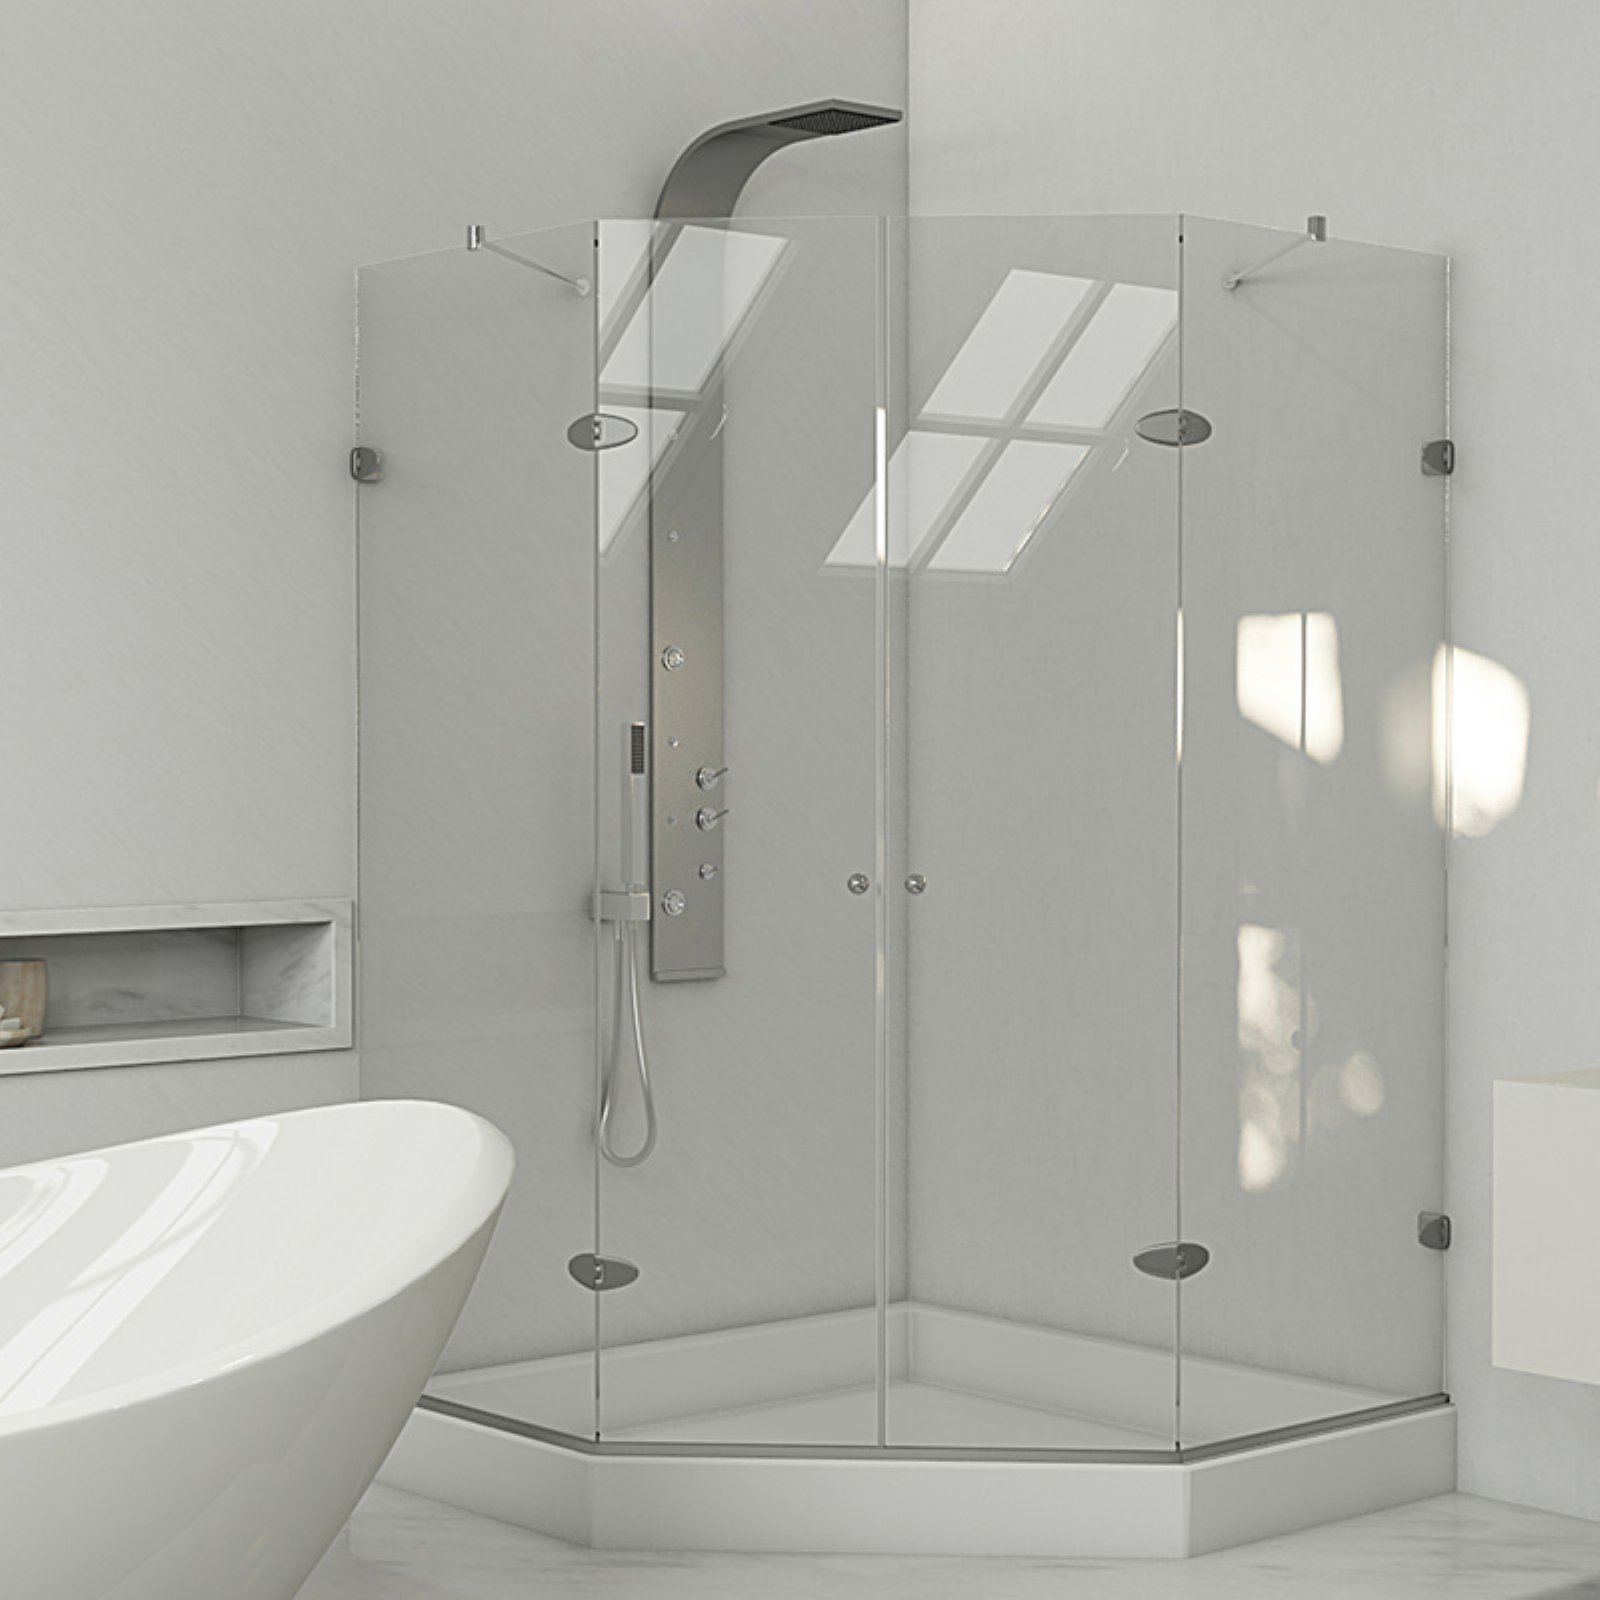 Vigo 47 5 8 X 47 5 8 Frameless Neo Angle 3 8 Clear Chrome Shower Enclosure With Base Walmart Com